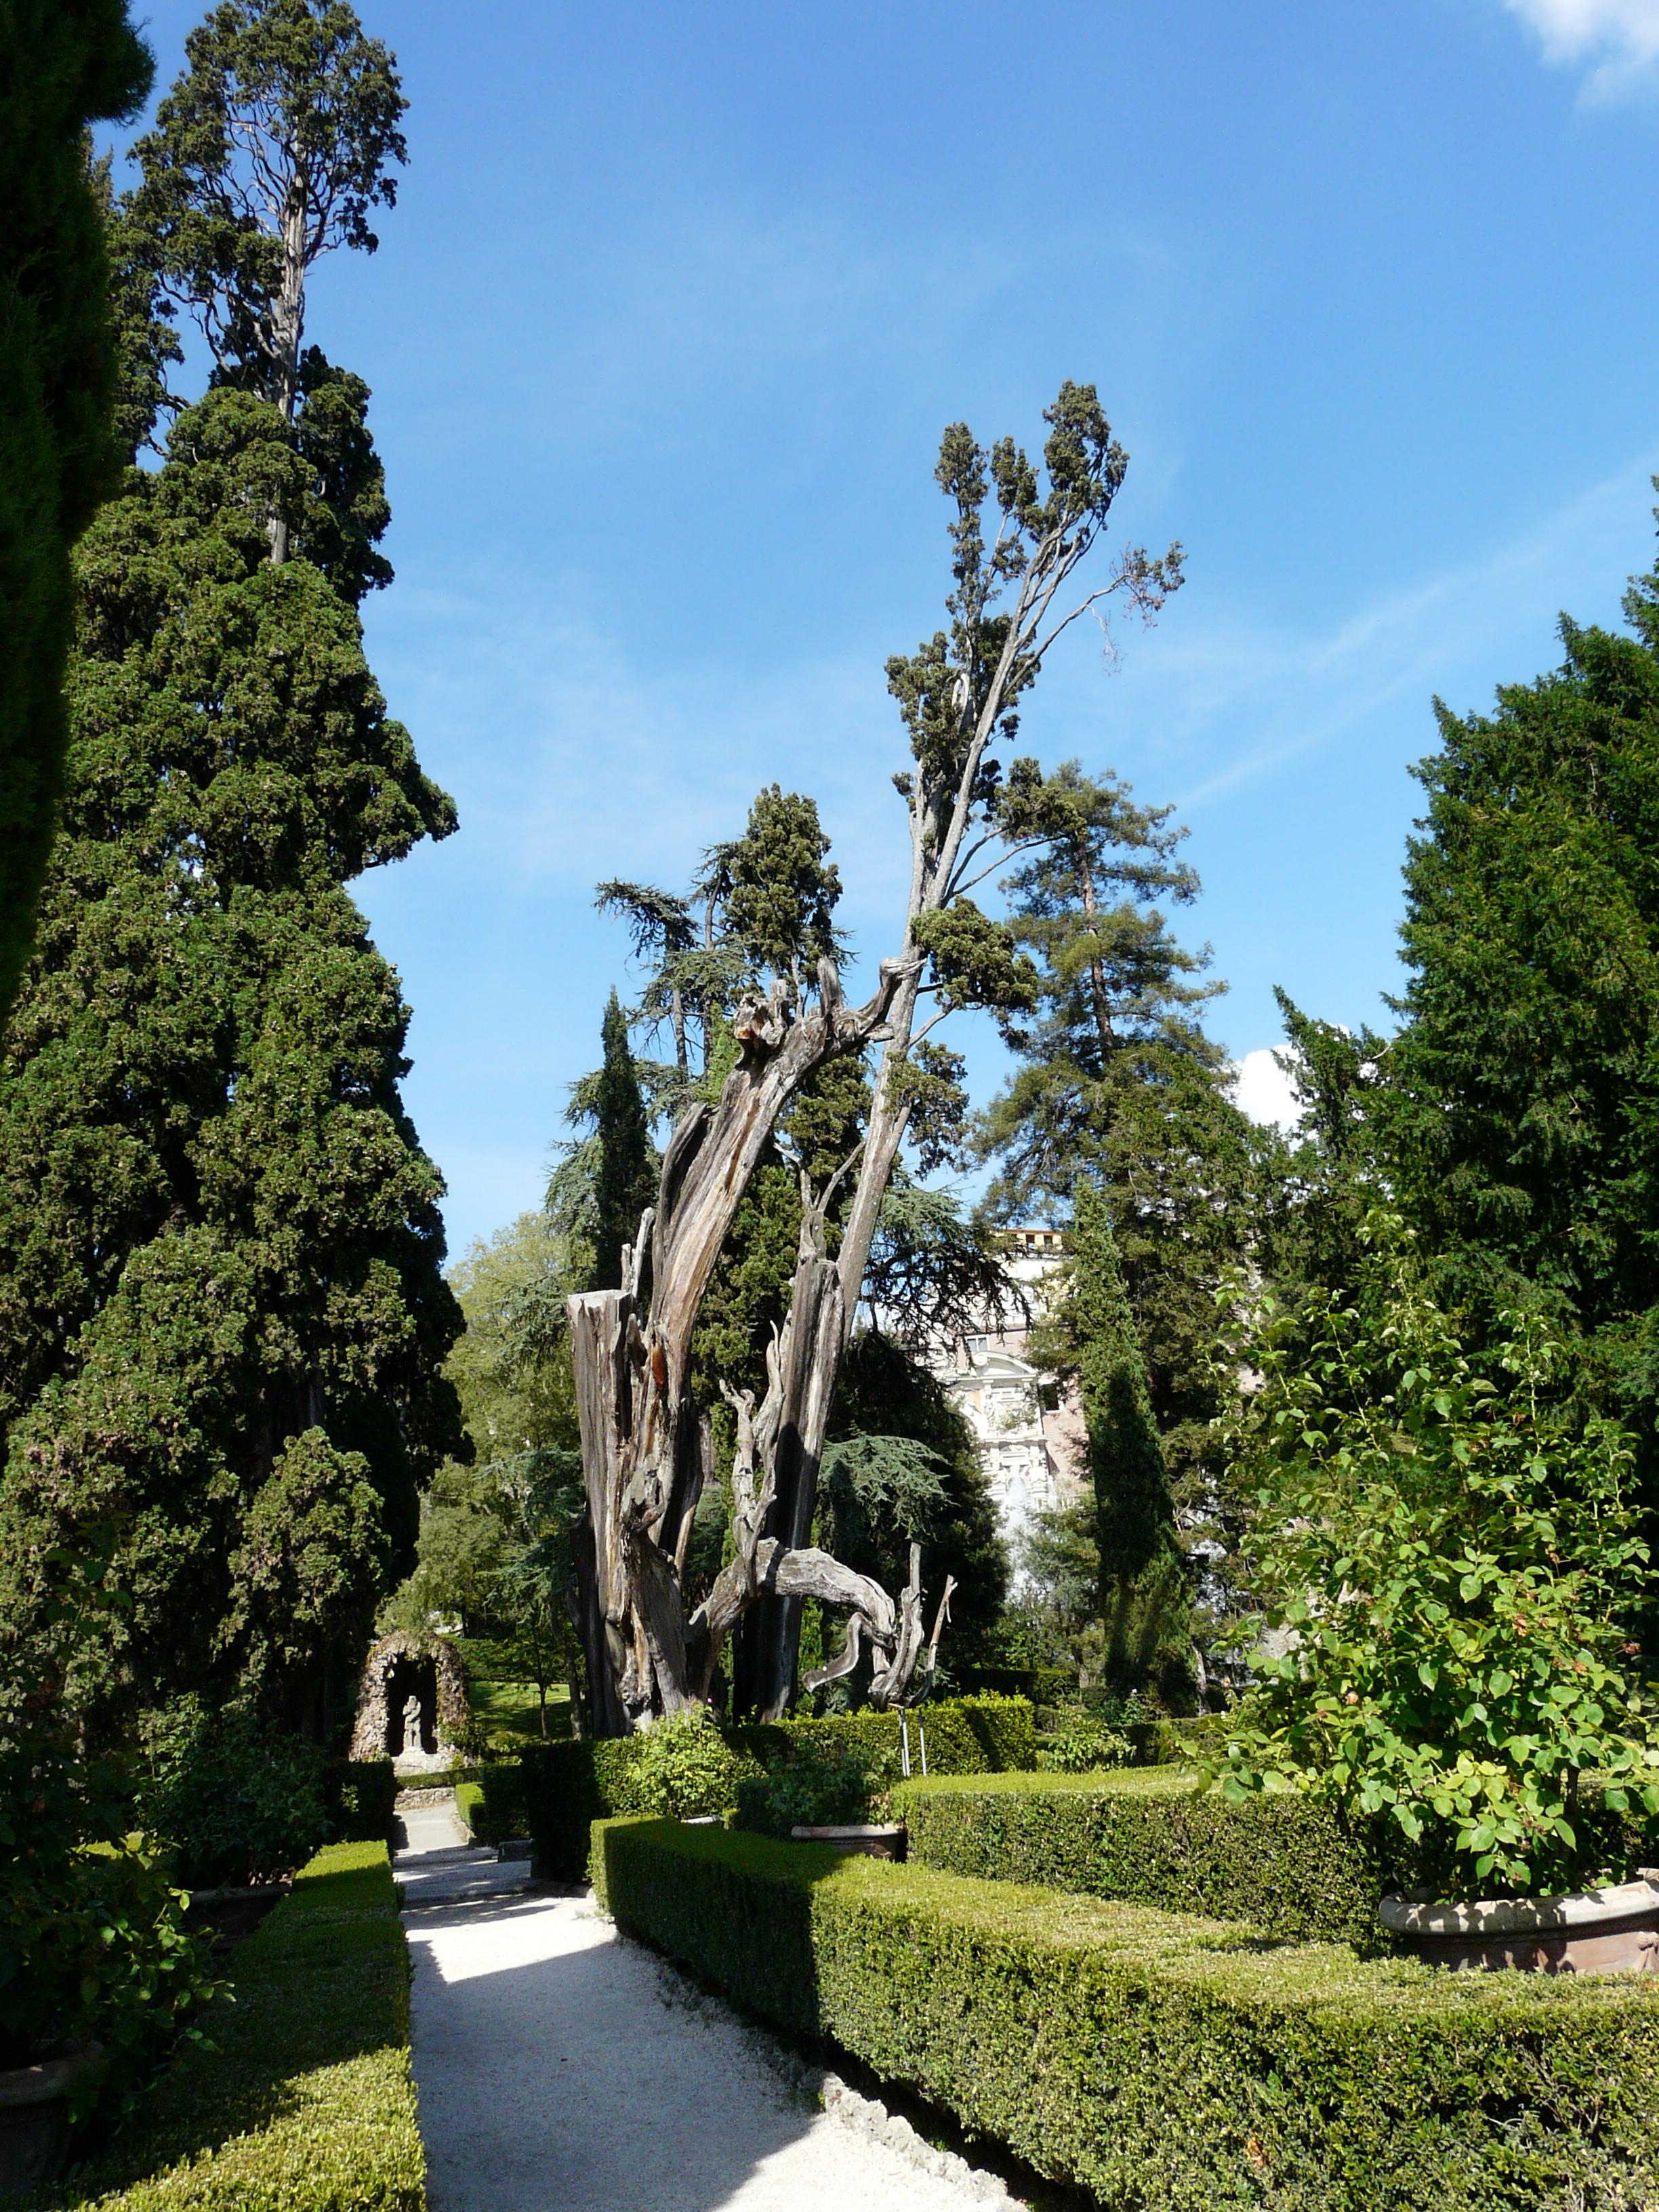 © Dipartimento di Scienze della Vita, Università di Trieste<br>by Andrea Moro<br>Comune di Tivoli, Giardino di Villa D'Este, RO, Lazio, Italia, 18/07/2011<br>Distributed under CC-BY-SA 4.0 license.